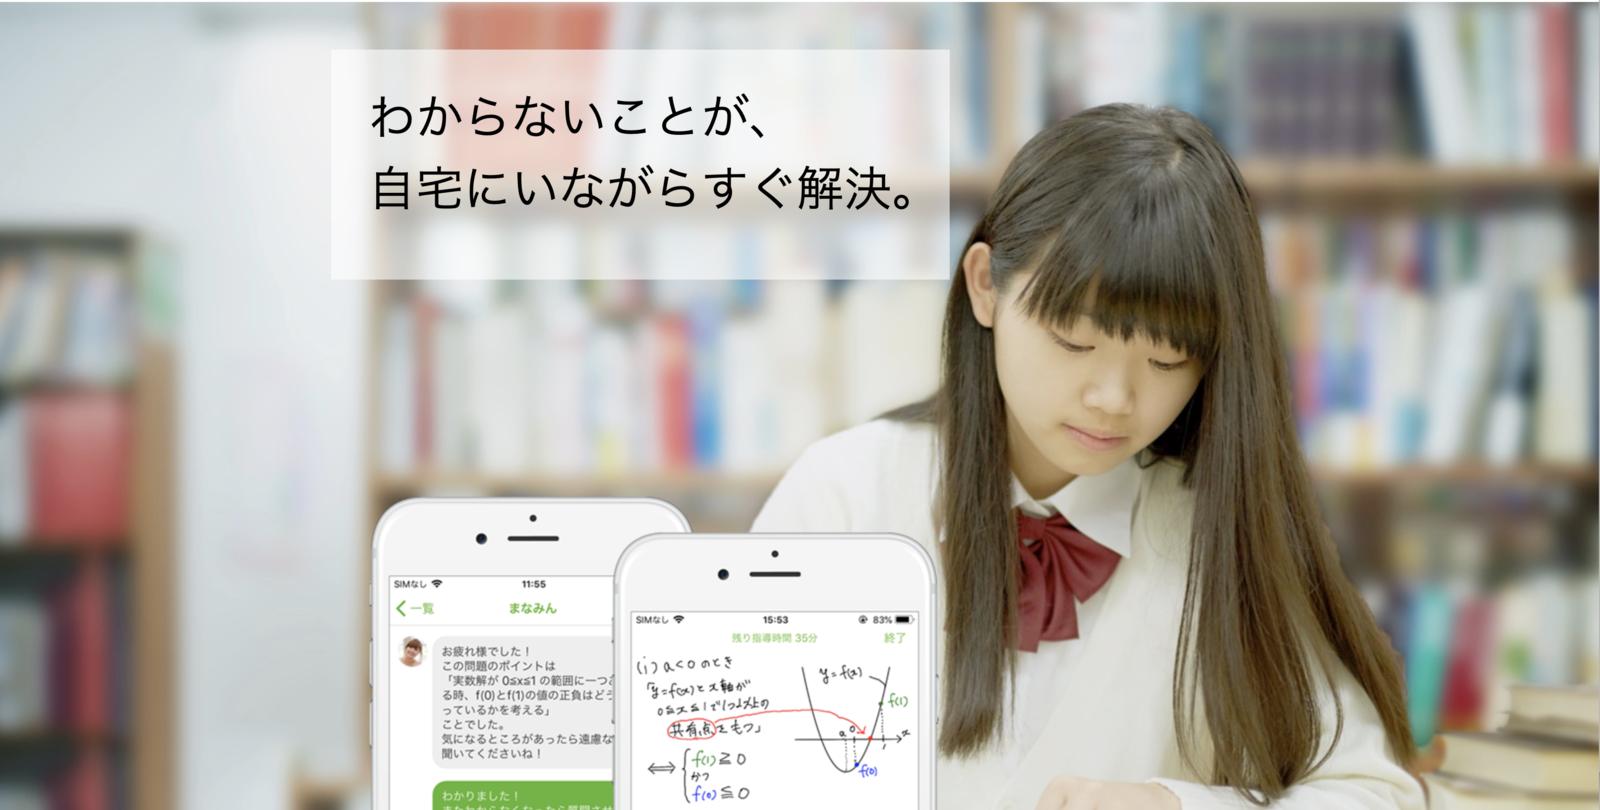 Edtechの代名詞「スマホ家庭教師manabo」iOSエンジニア募集!